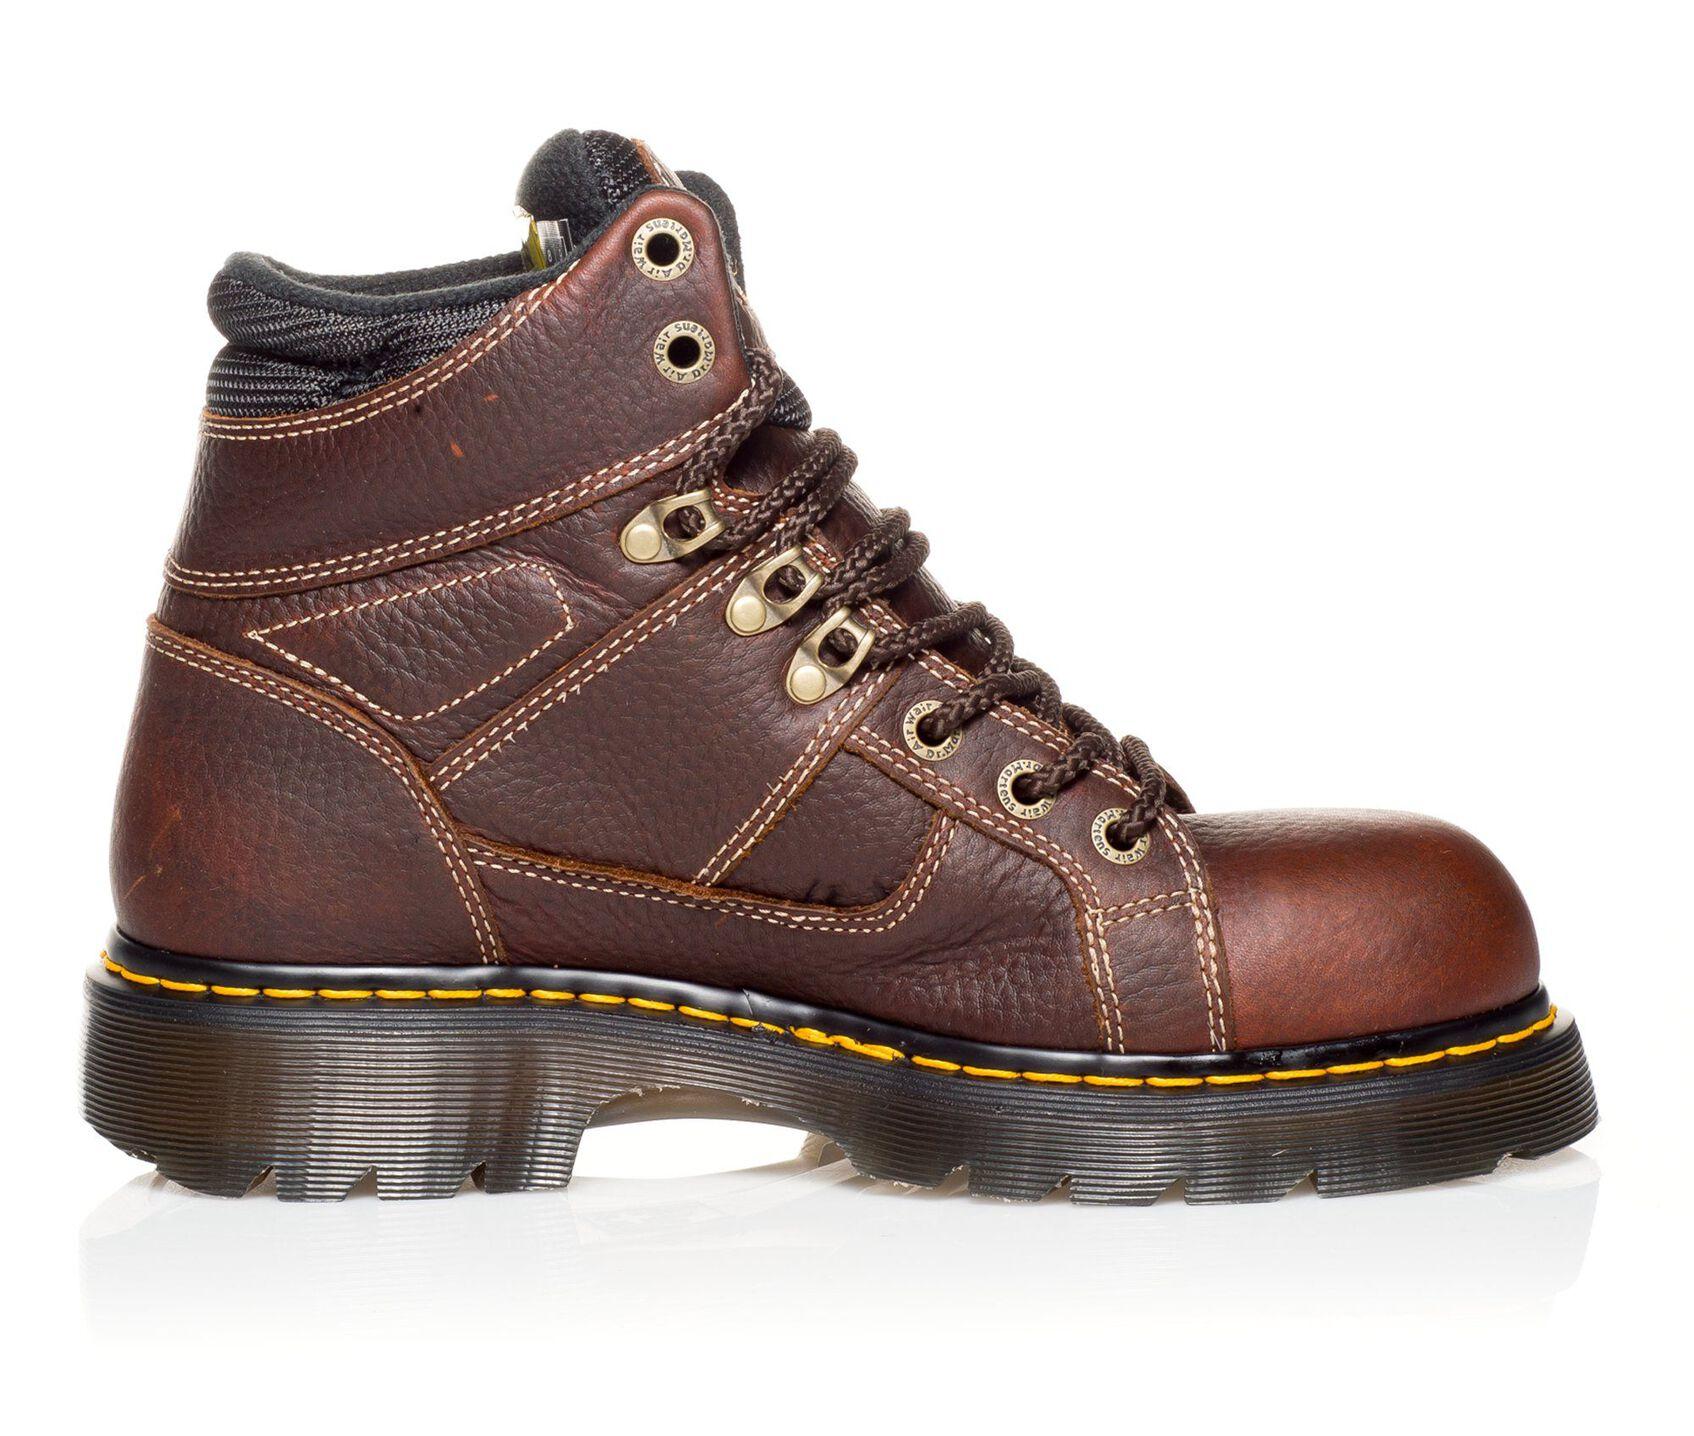 cfb96499226 Men's Dr. Martens Industrial Ironbridge 6 In Steel Toe Work Boots ...